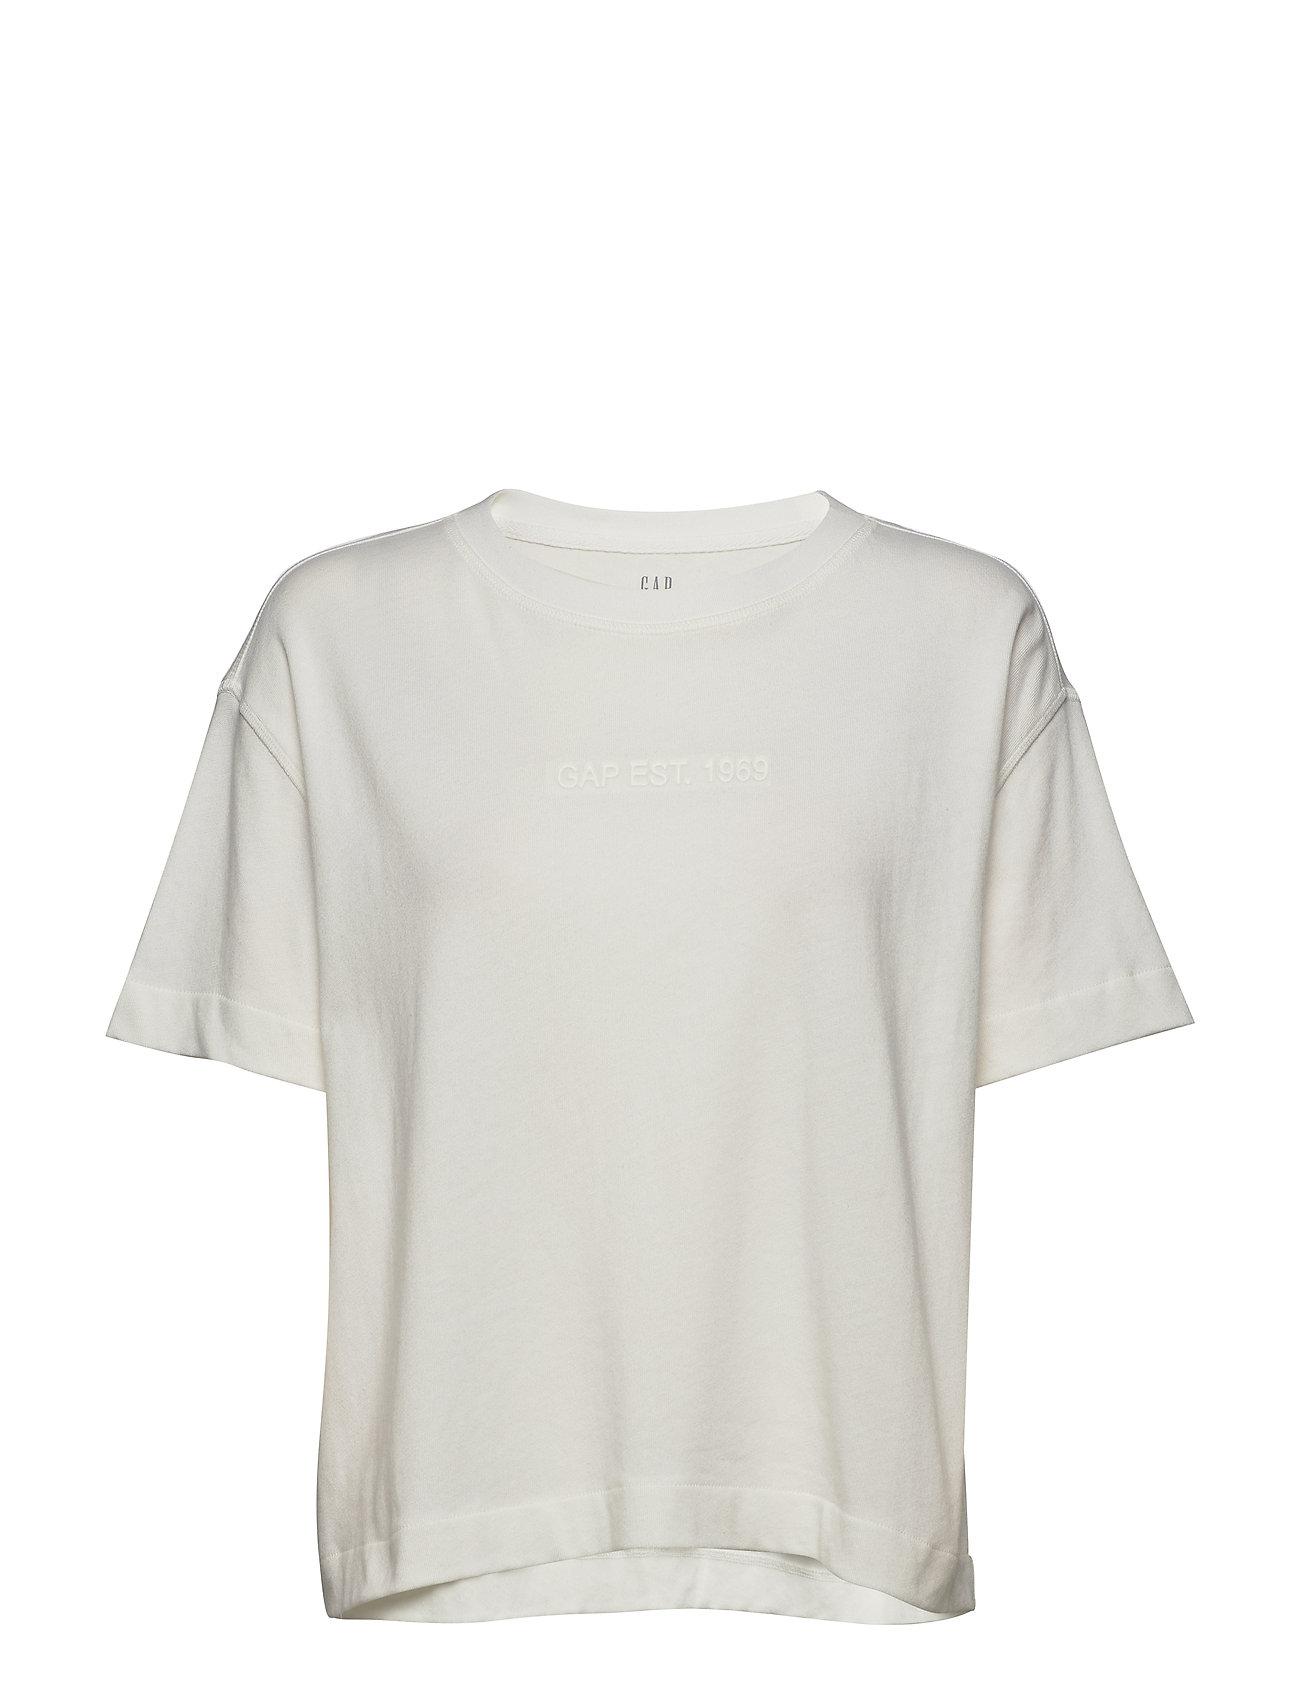 GAP Gap Logo Cropped T-Shirt - MILK 600 GLOBAL